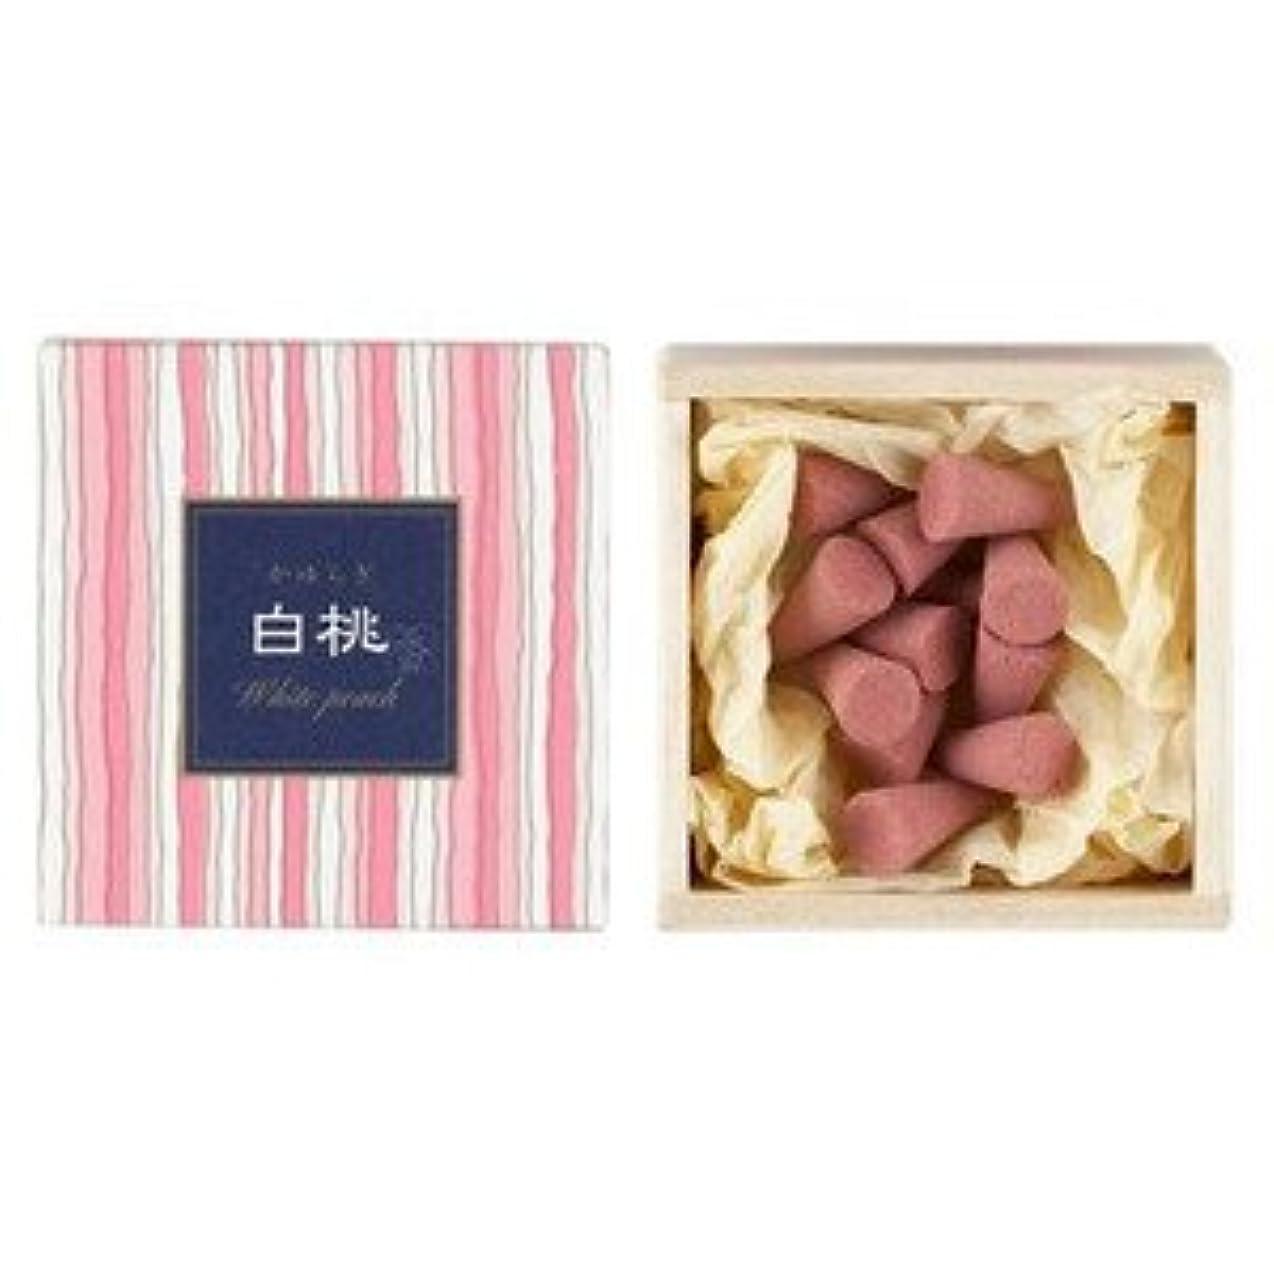 くるみ消毒剤大学日本香堂 かゆらぎコーン 白桃